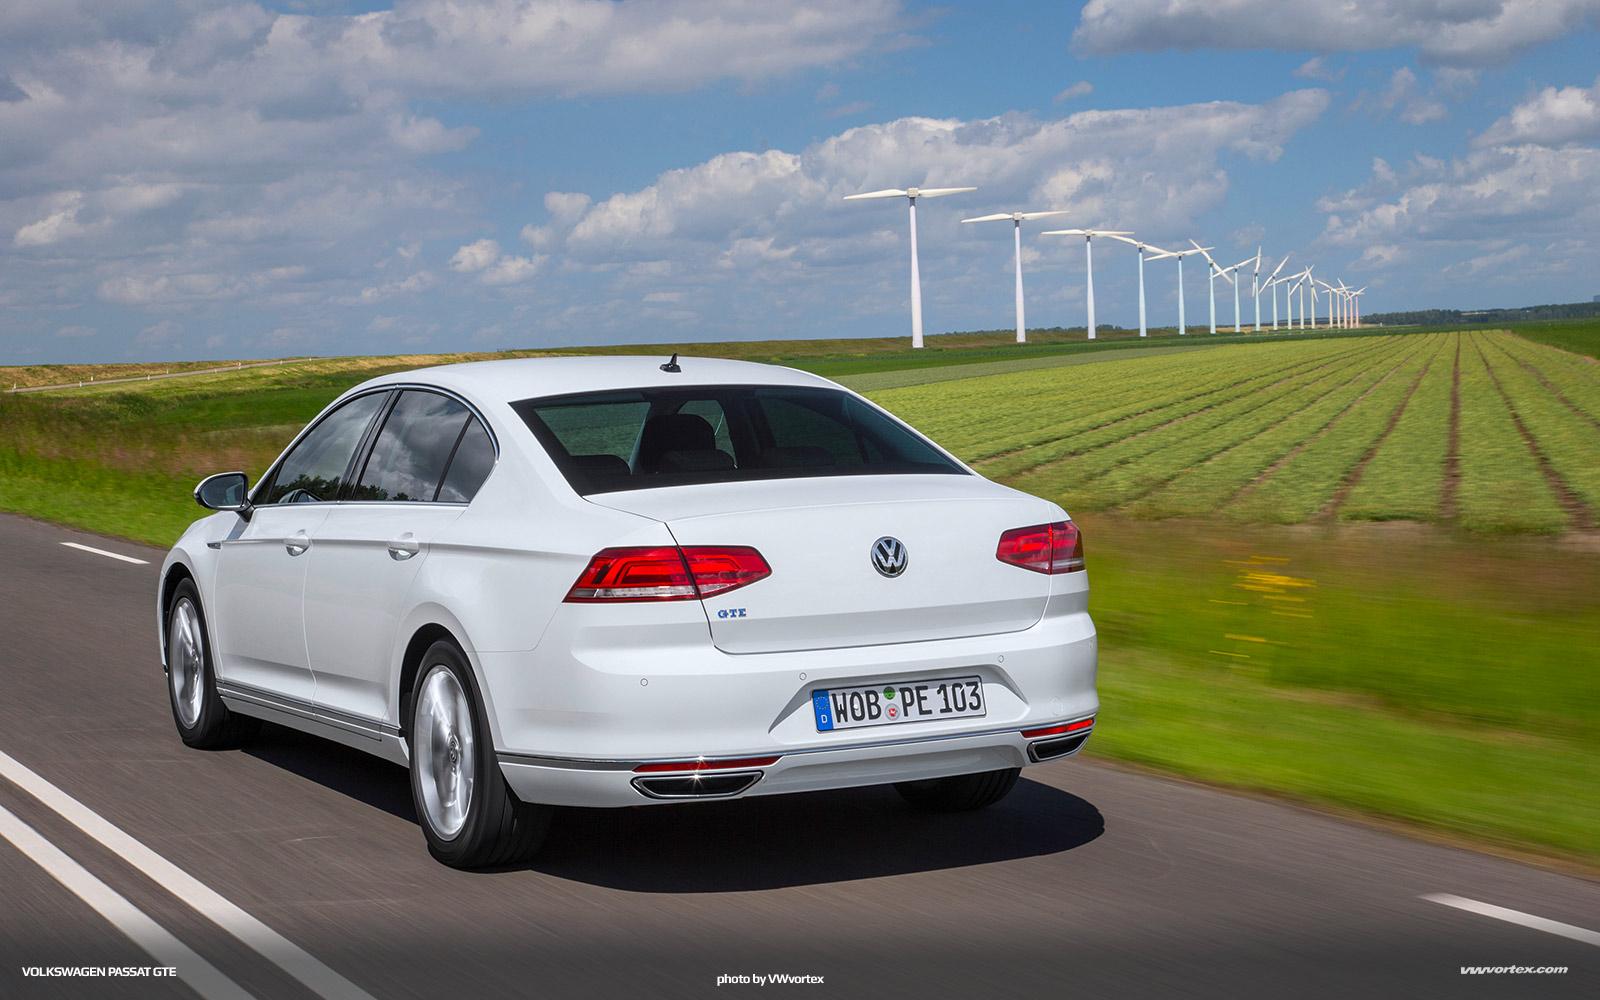 Audi-A5-S-line-competition-plus-Japan-788